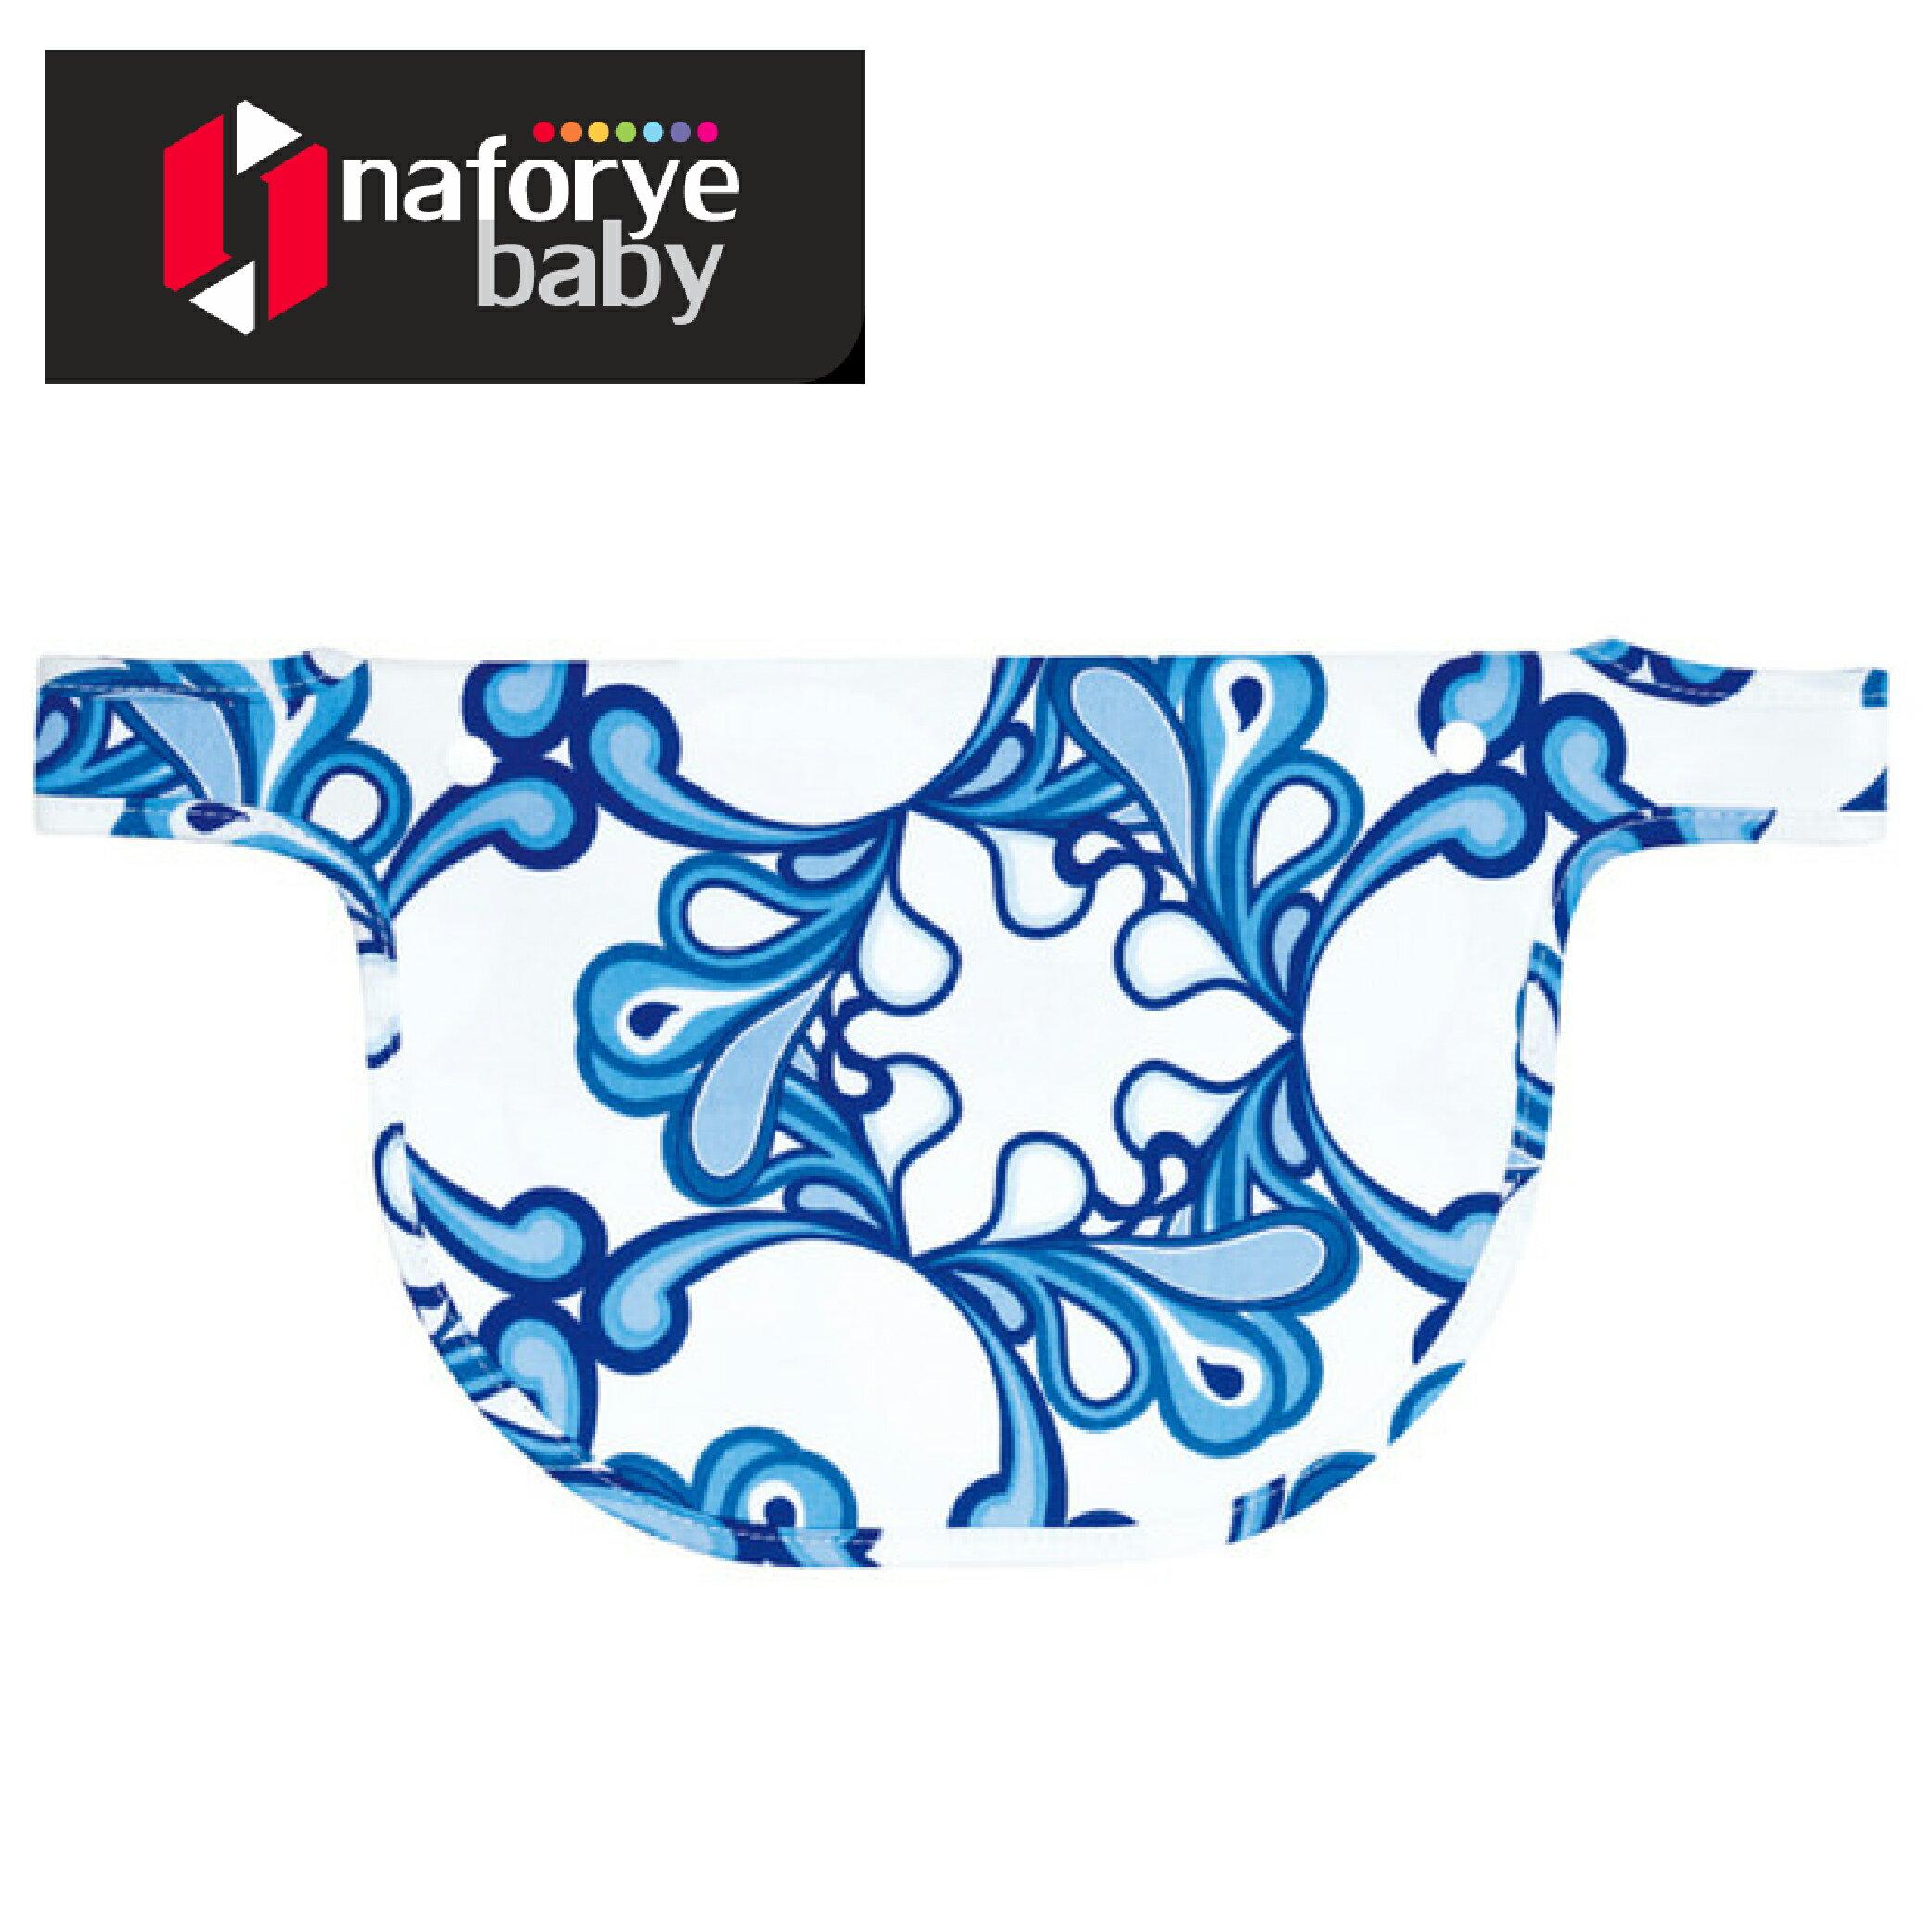 【拉孚兒 Naforye】揹巾口水兜 - 情繫太平洋 - 限時優惠好康折扣